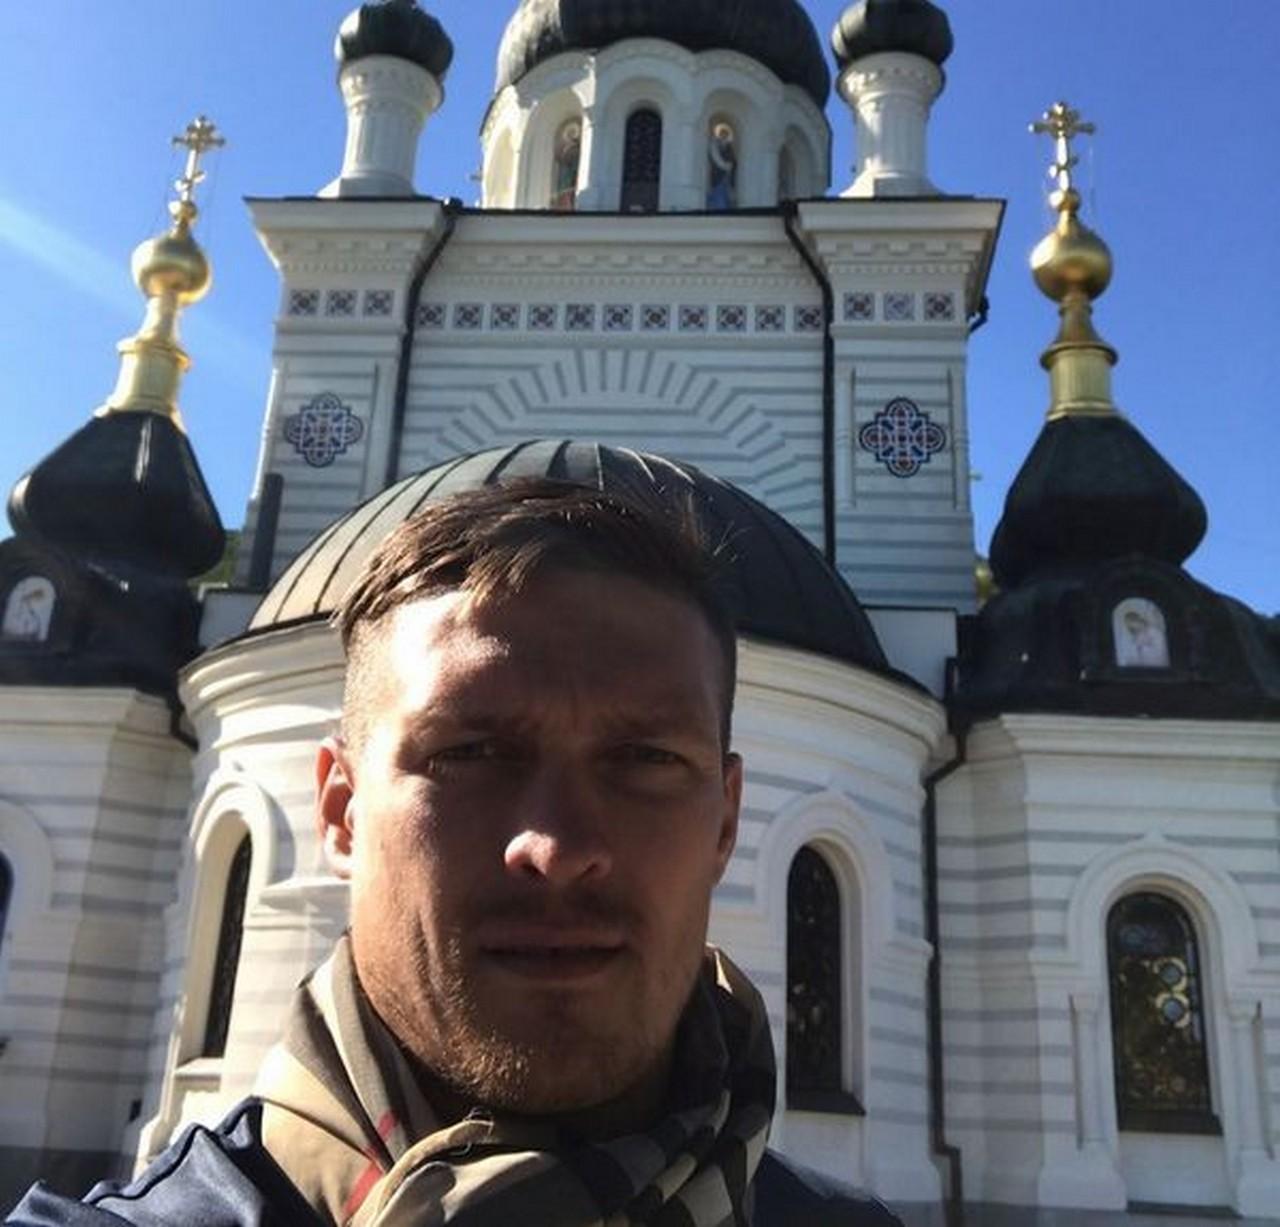 Чемпион мира по боксу Усик свидомитам: «Крым это Крым. А вы терпилы и скот рогатый…»